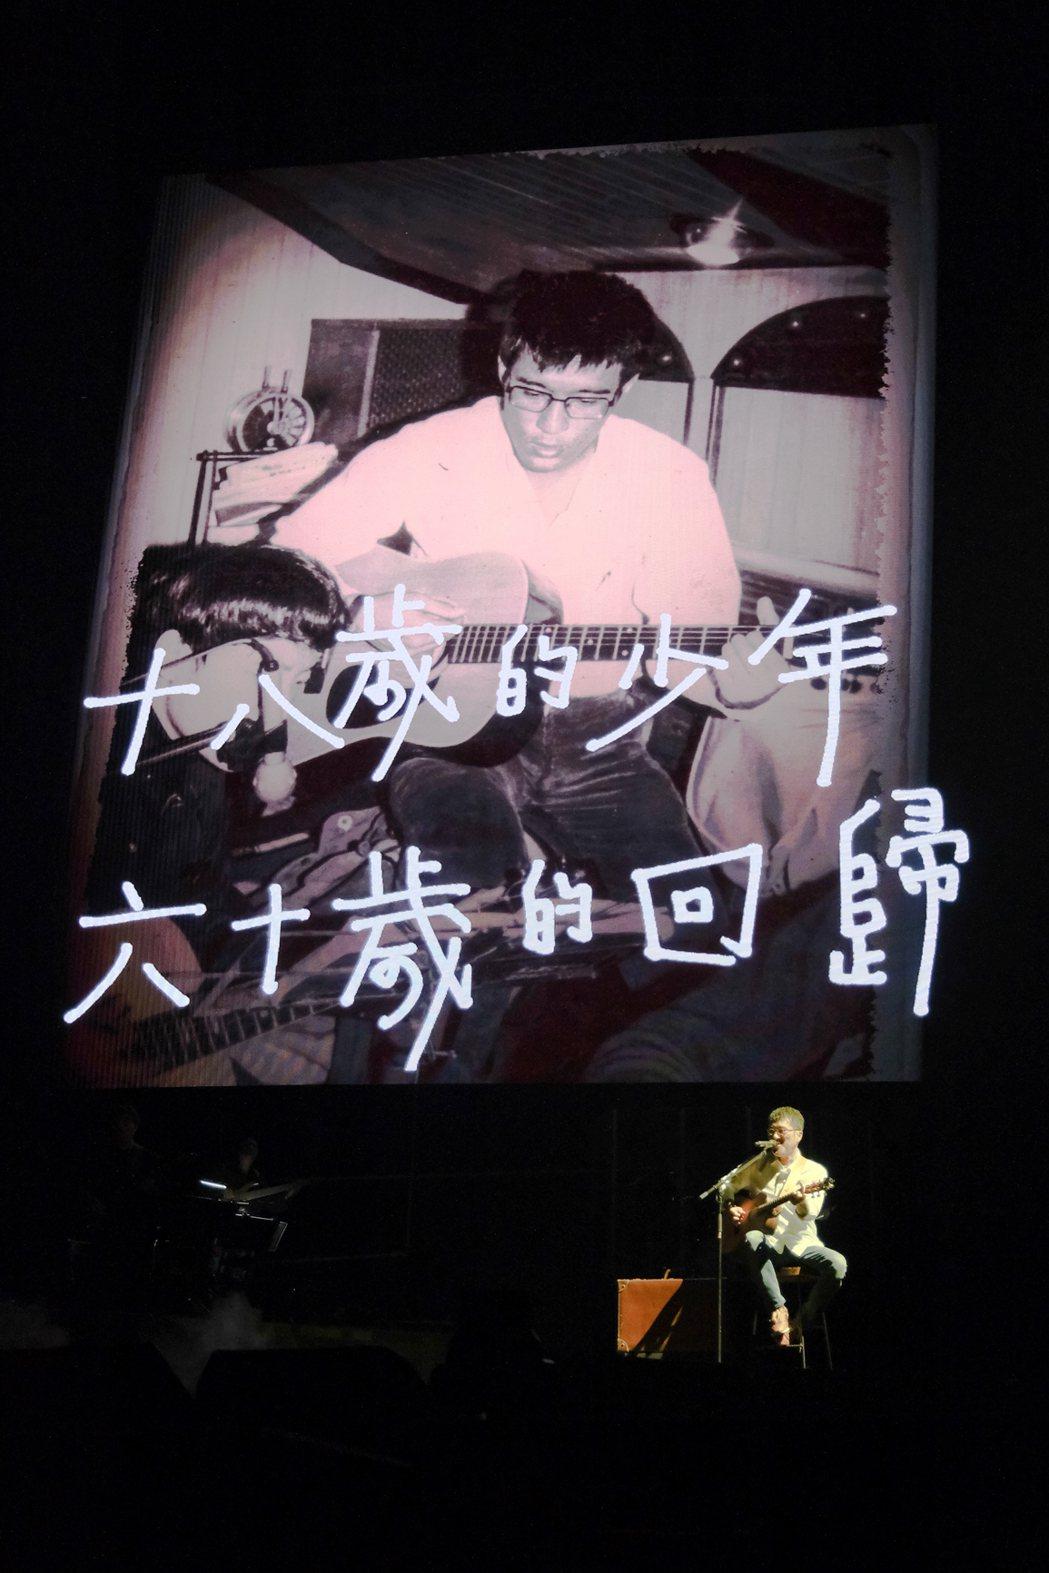 李宗盛透過VCR分享自己18歲時的青澀模樣。圖/相信提供